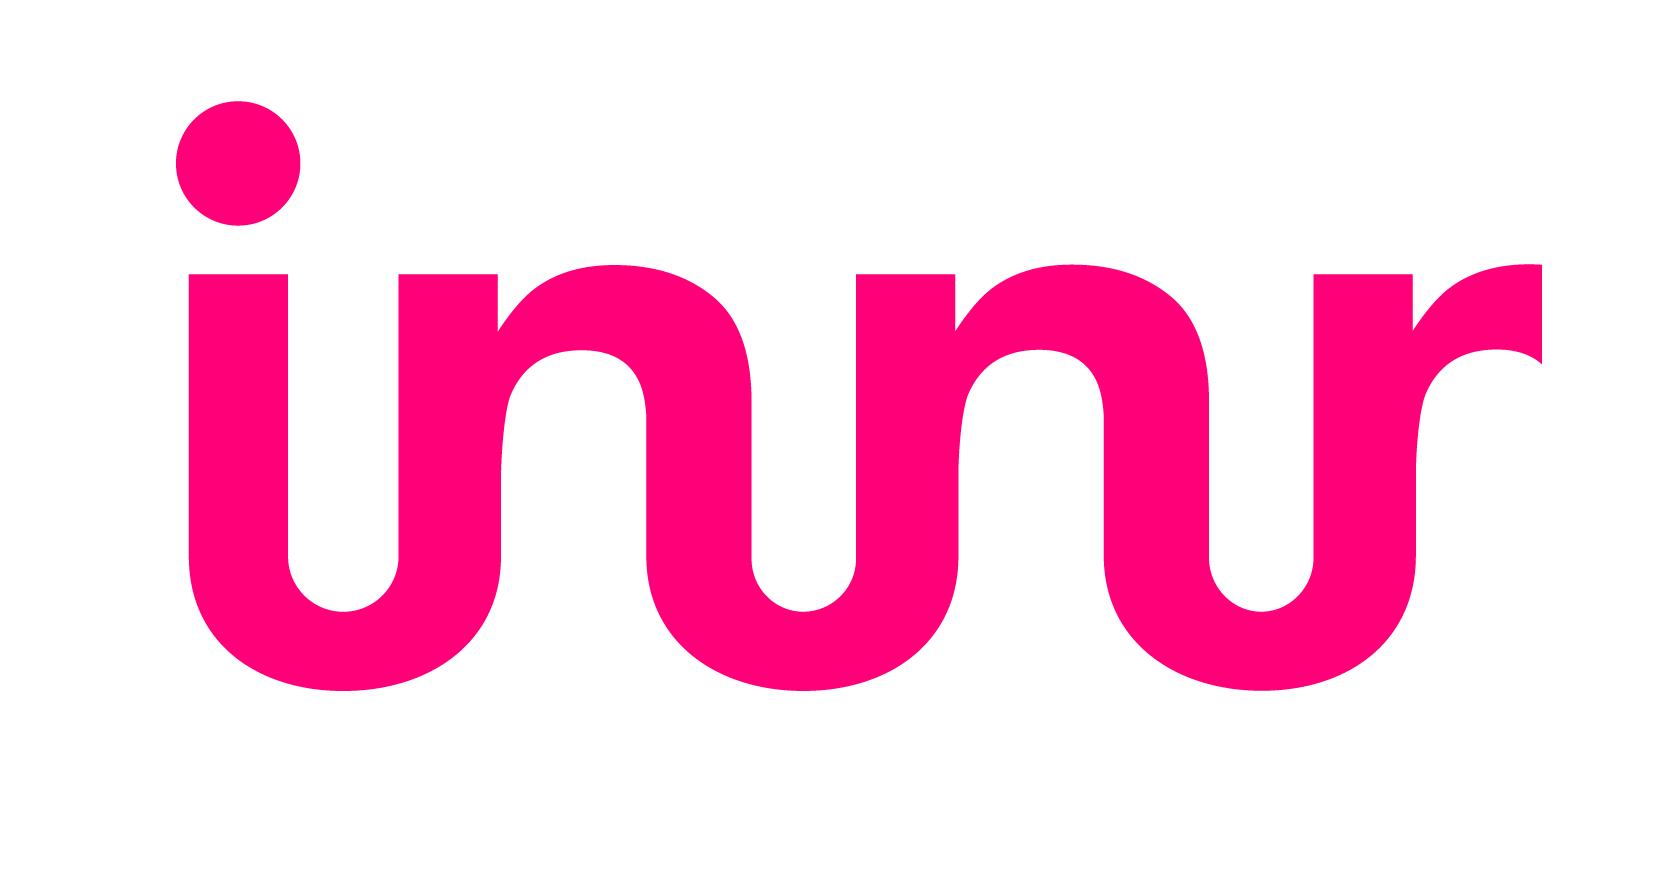 Innr logo - Eingetragene Marke unter Lighting Fundamentals IP B.V.